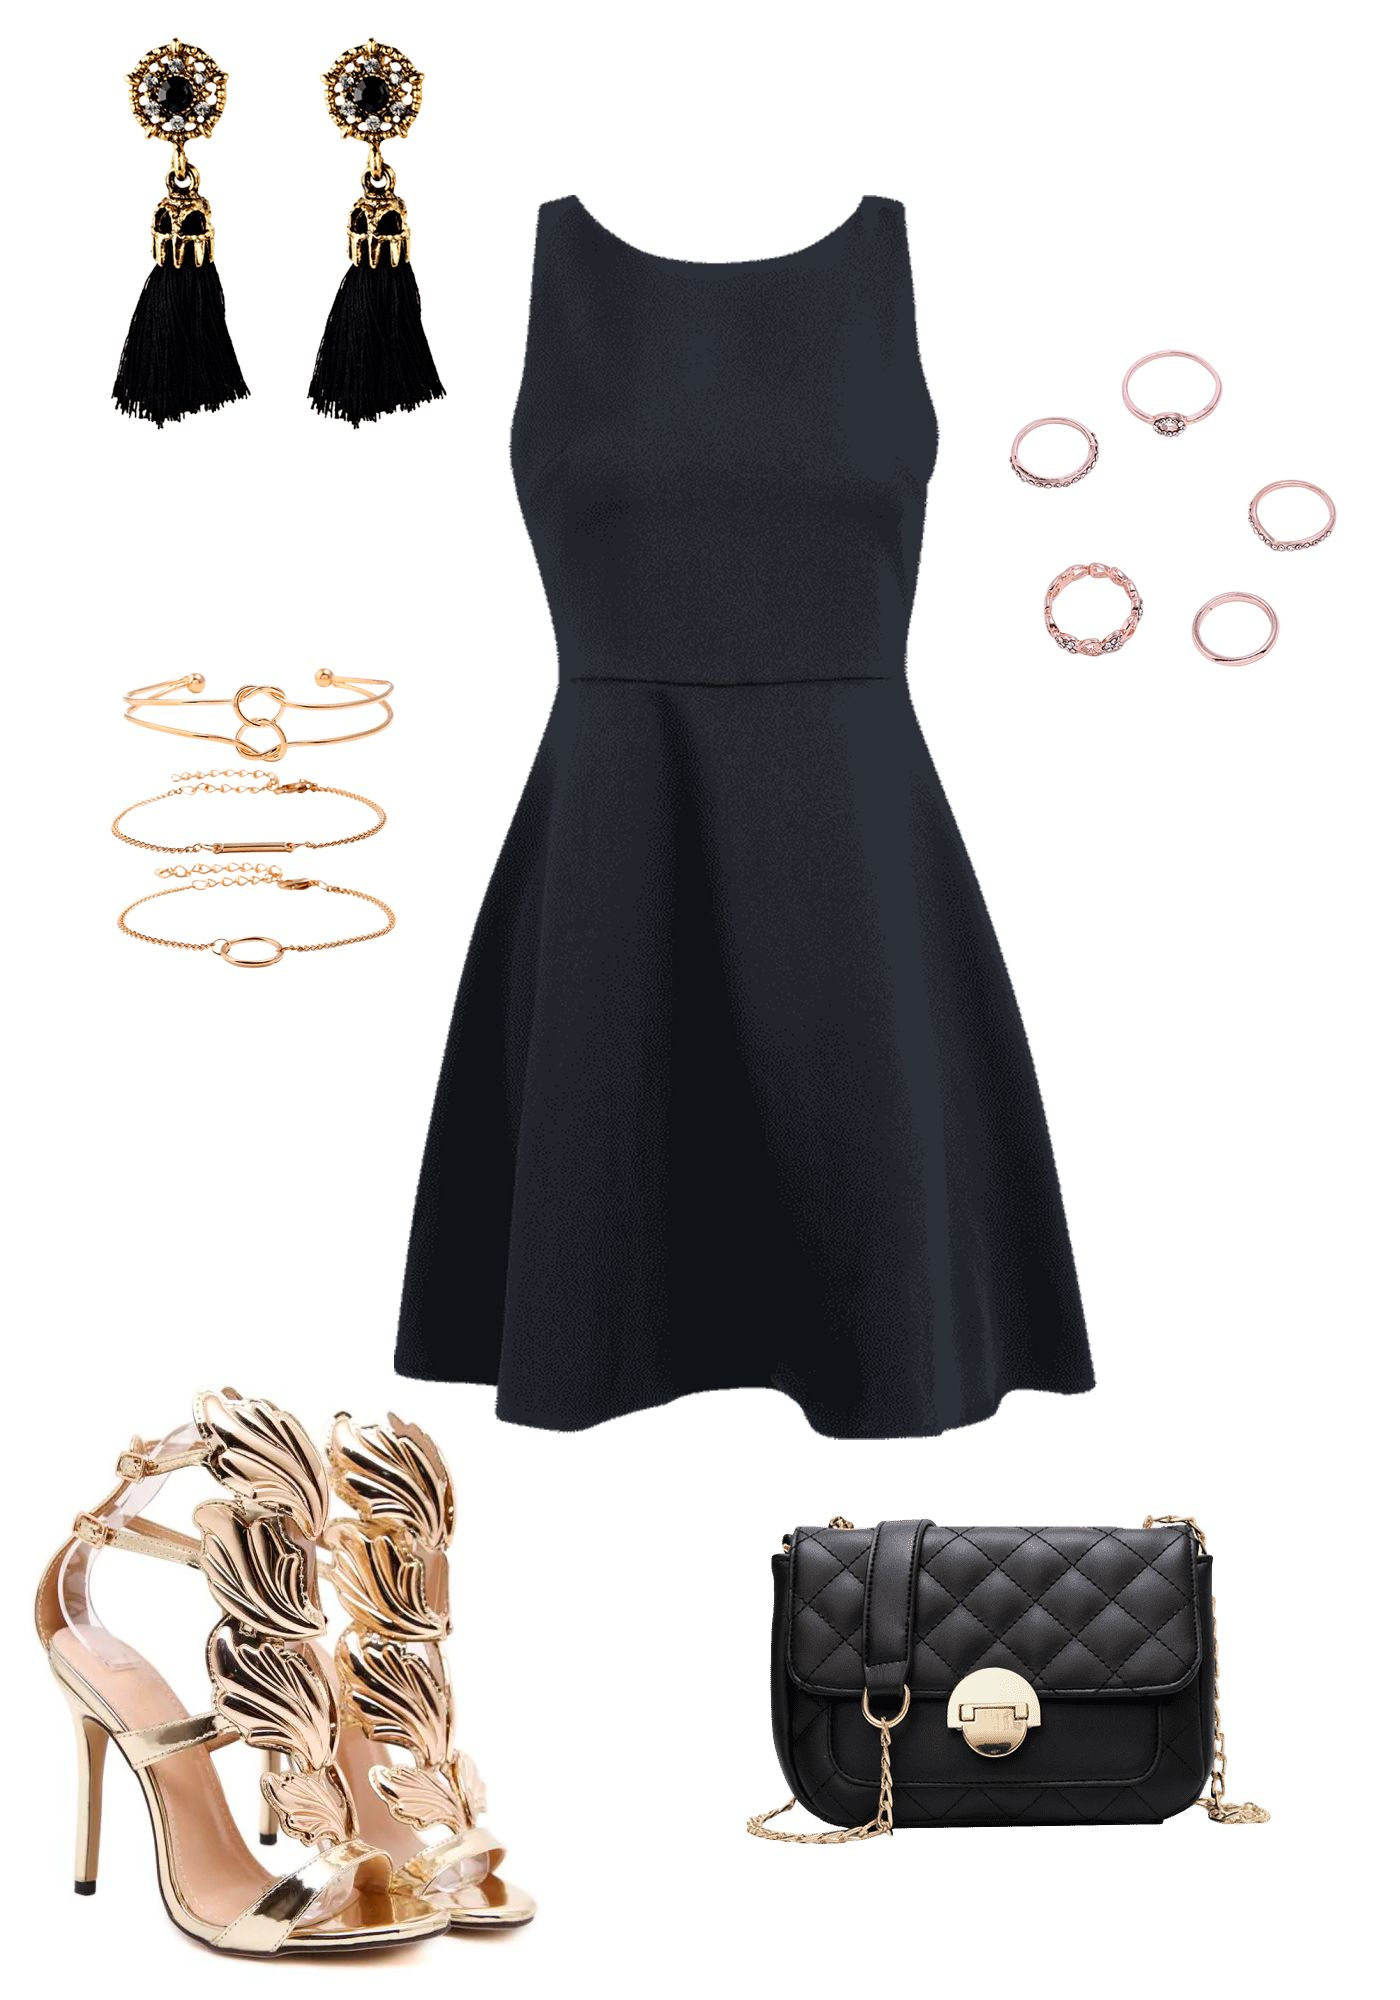 4 59 Rhinestone Heart Design Finger Rings Set Rose Gold Ringsset Rings 22 60 Sleeveless Cross Back Mini Skater Black Dress Dresses Girls Fashion Clothes [ 2000 x 1400 Pixel ]